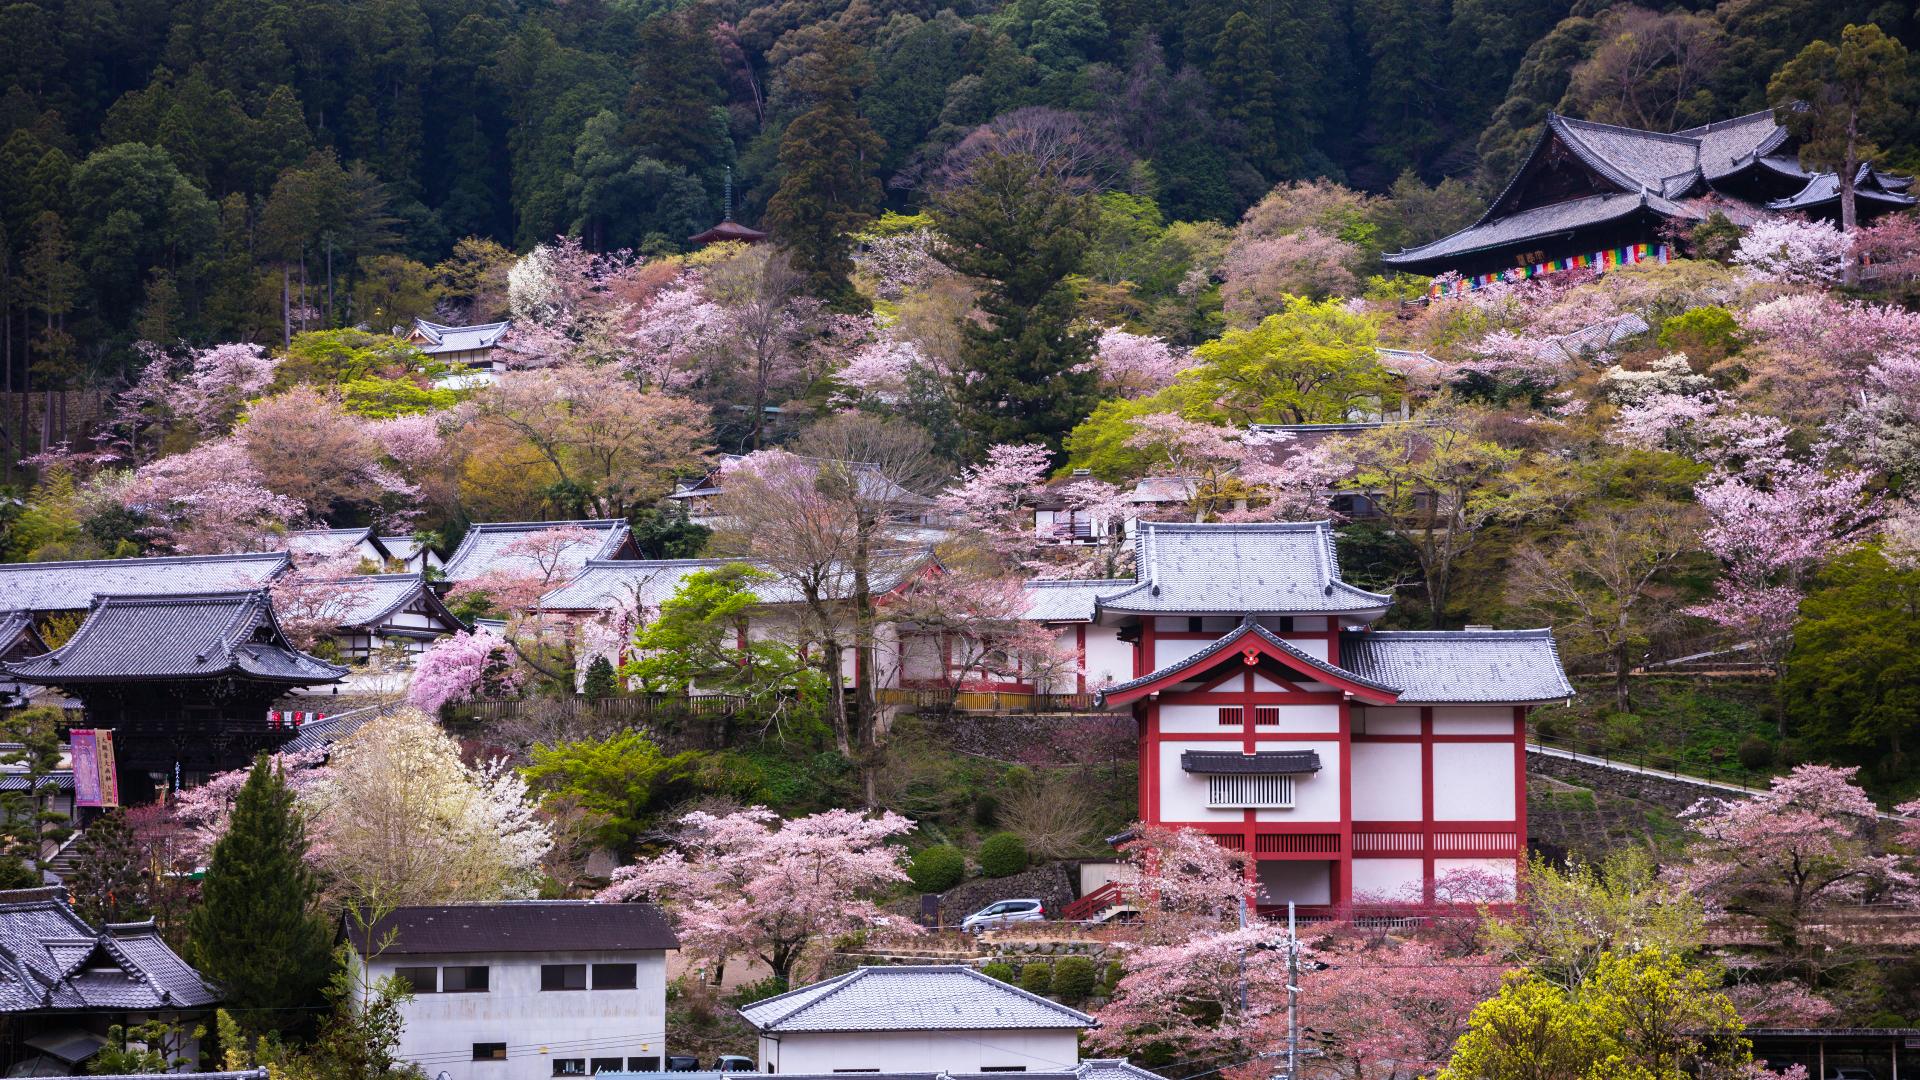 4014273_m 奈良県  長谷寺(境内に約1000本もの桜が咲き誇る春におすすめ桜スポット! 写真の紹介、アクセス情報や駐車場情報など)